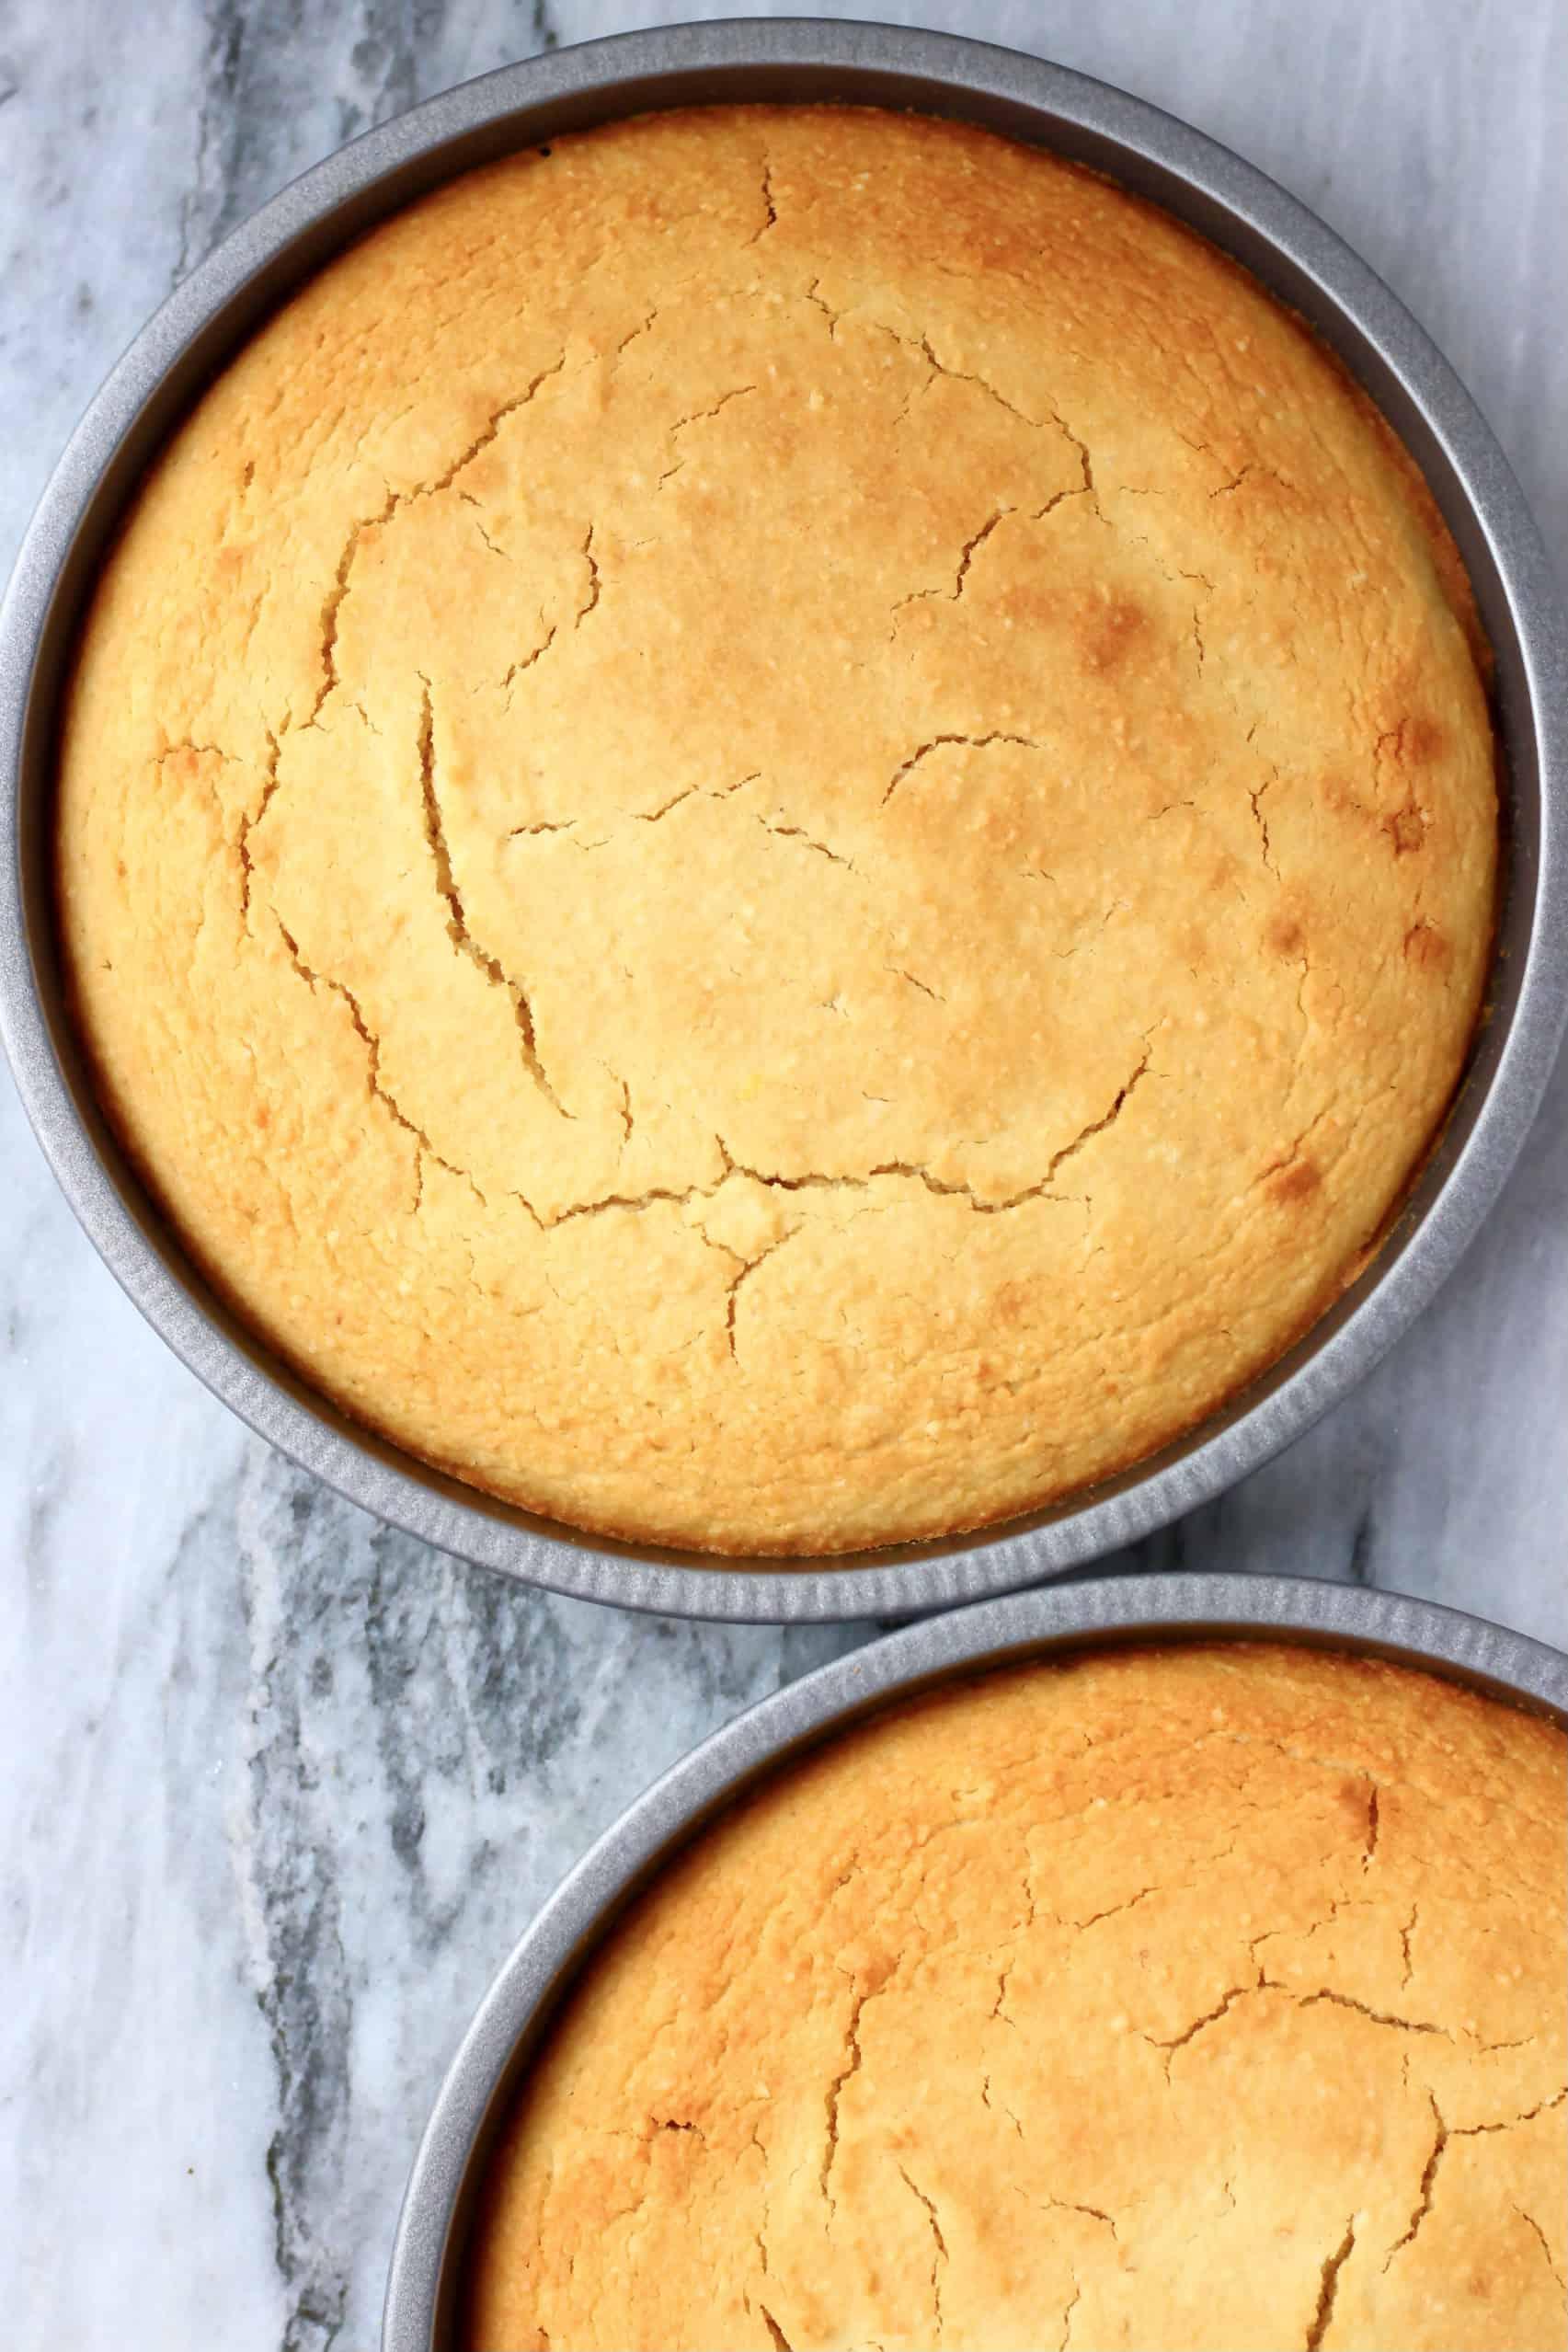 Gluten-free vegan orange cake sponges in two circular baking tins